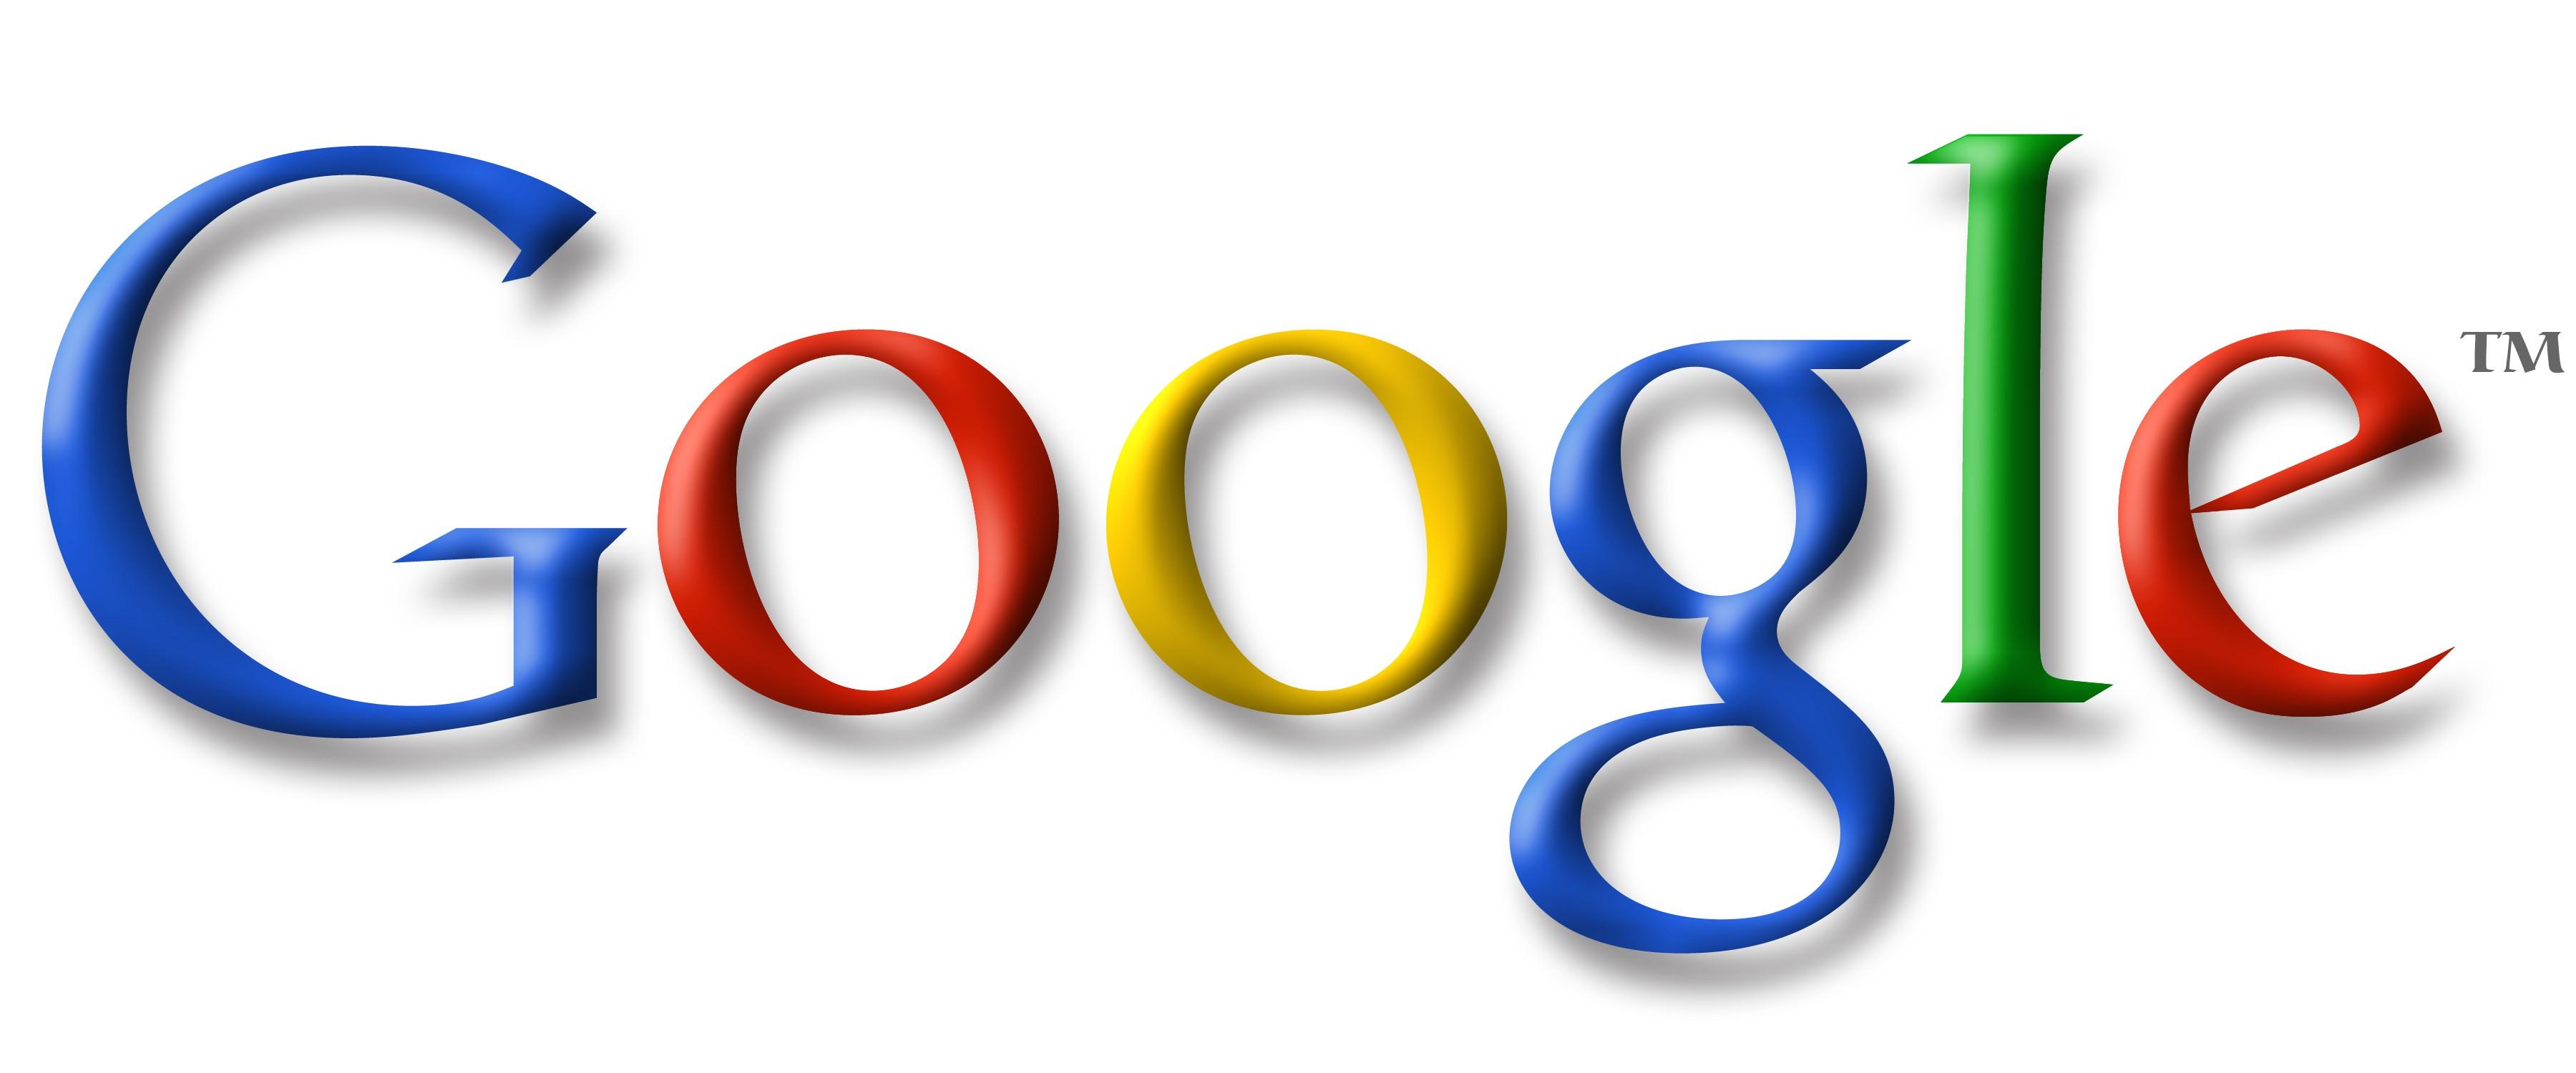 http://lgbtbar.org/wp-content/uploads/2014/01/Google.jpg